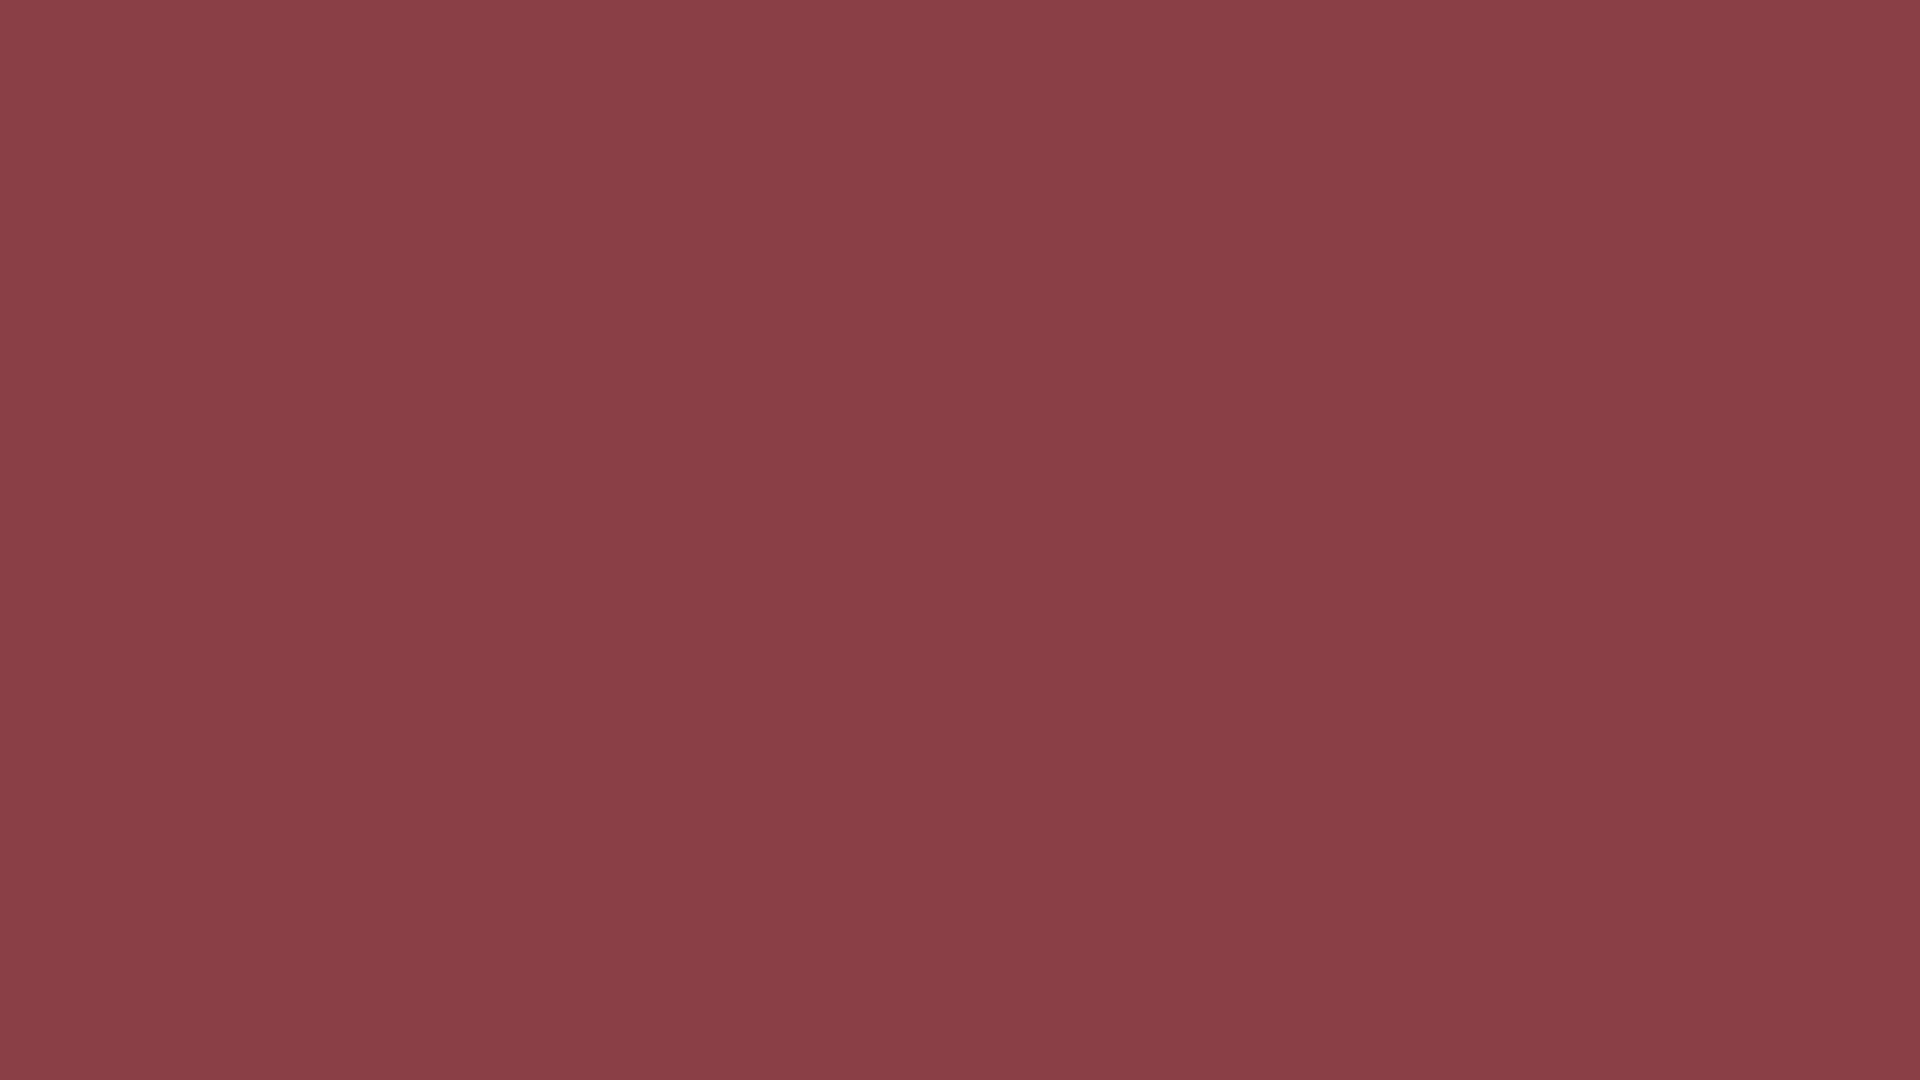 1920x1080 Cordovan Solid Color Background